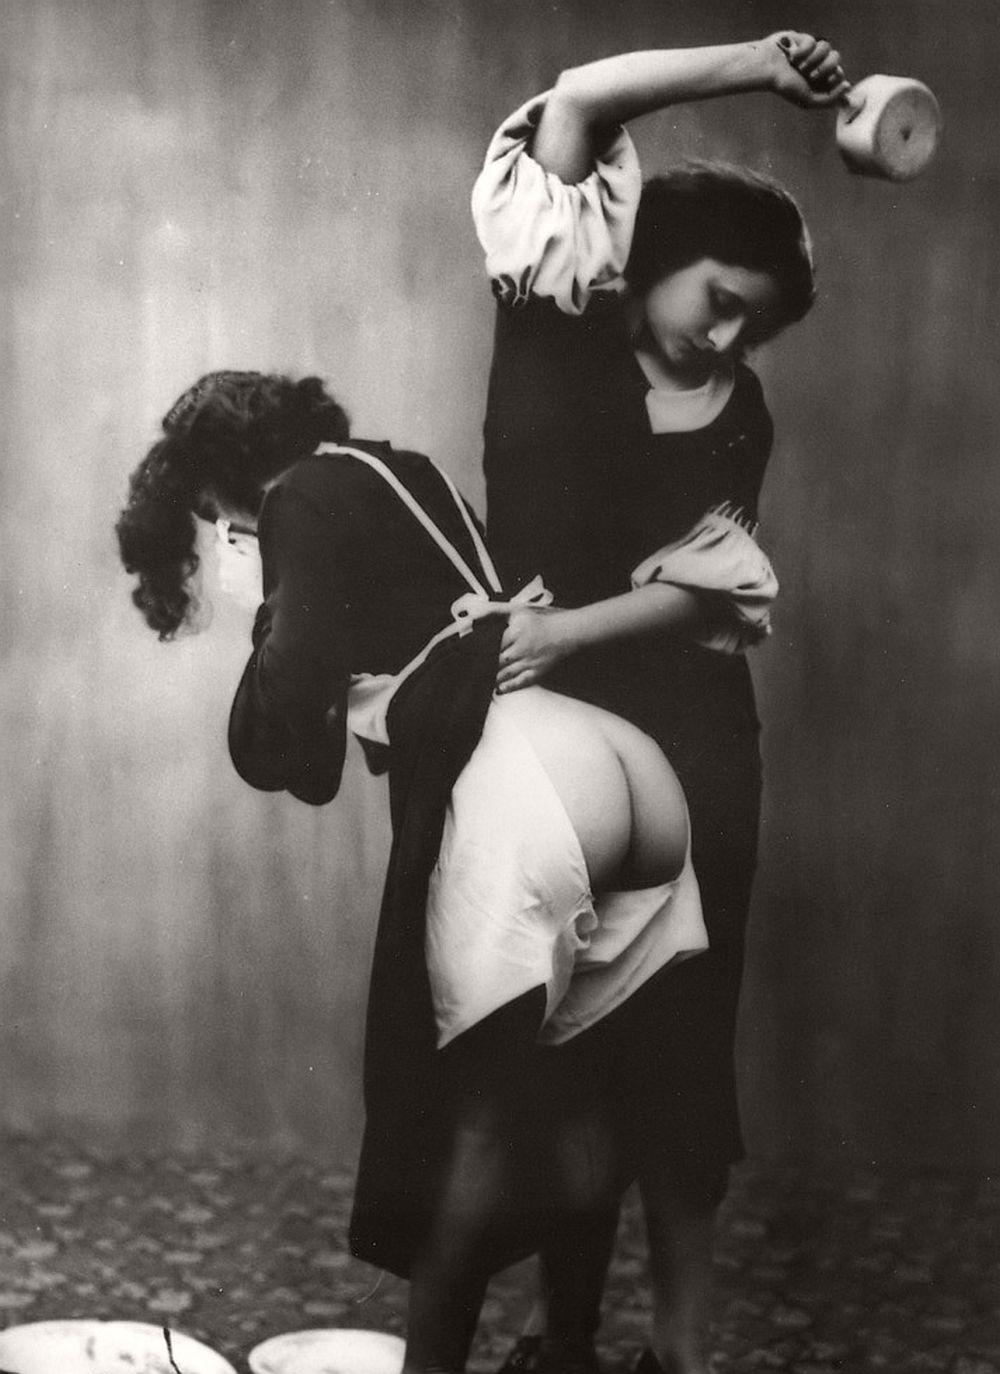 retro-vintage-nudes-erotica-1920s-02